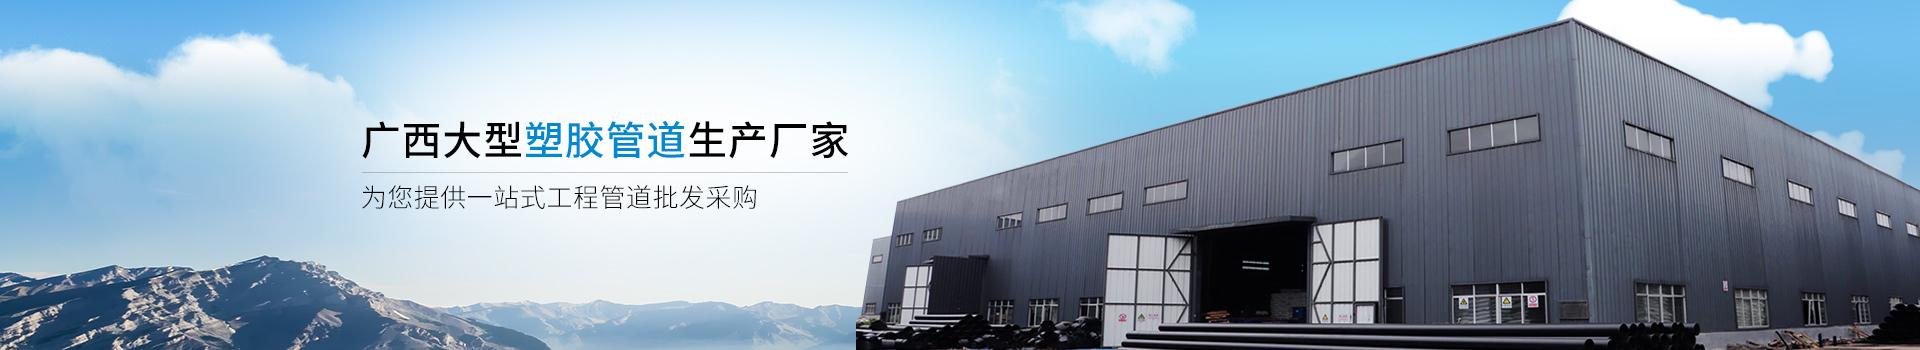 铭塑管业-广西大型塑胶管道生产厂家